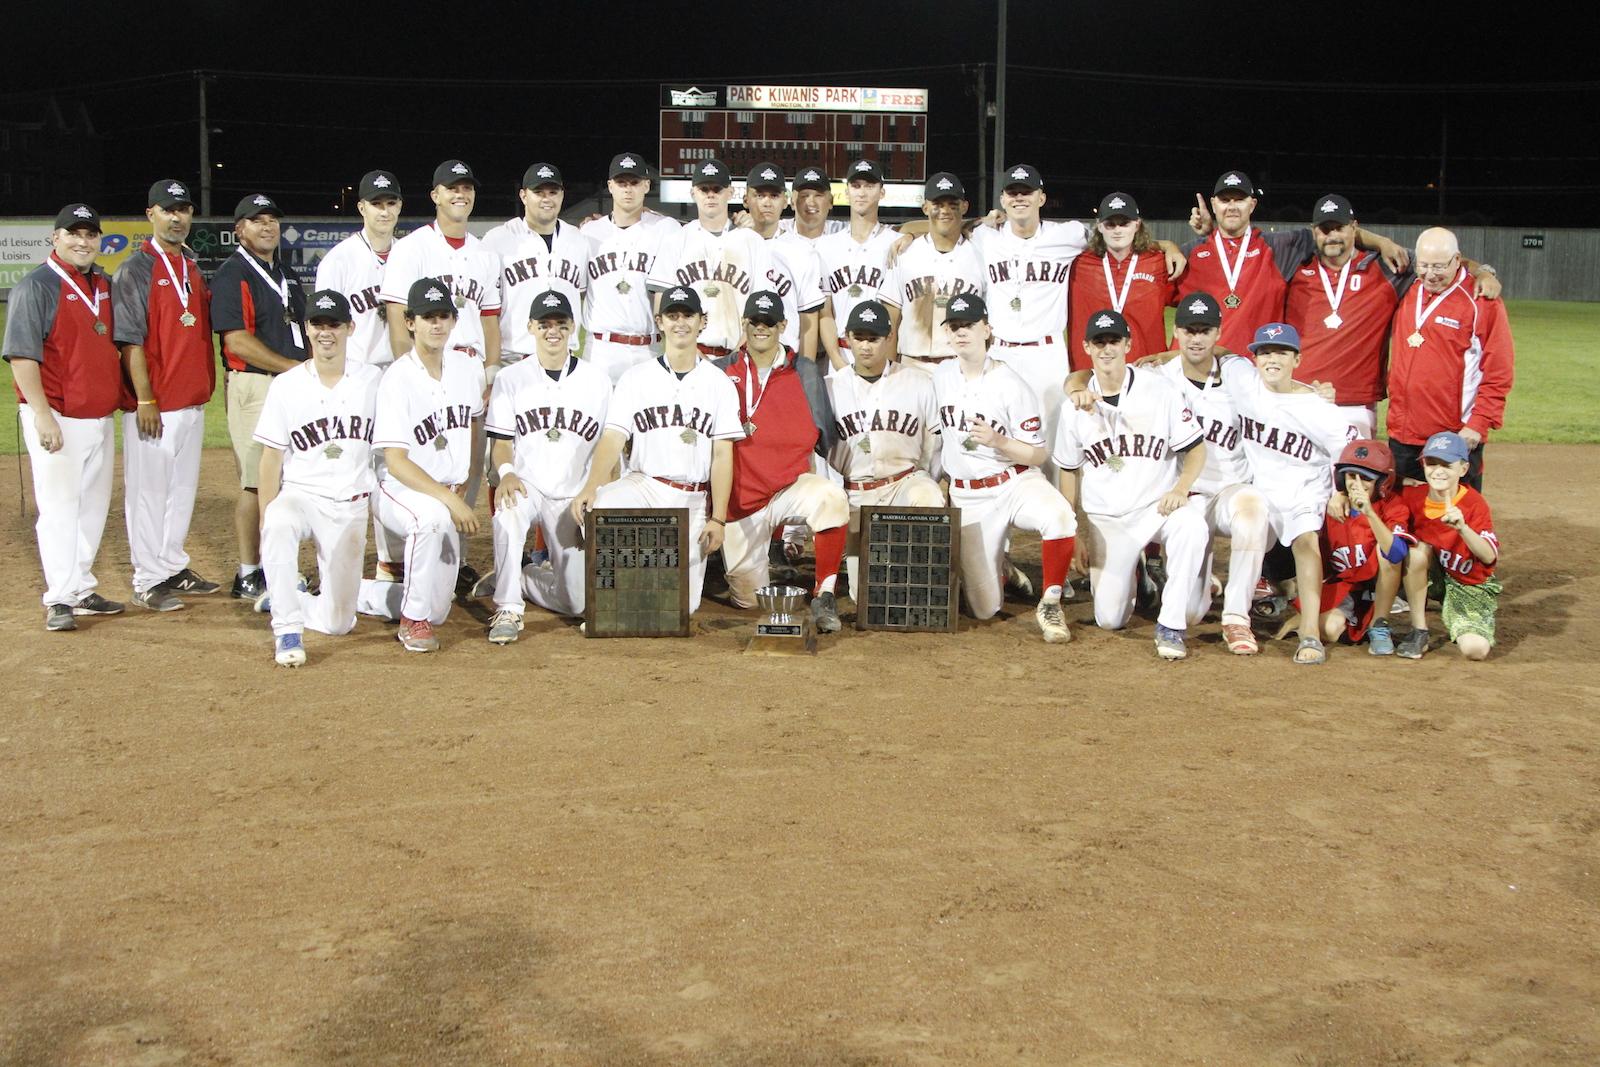 Baseball Canada Cup: Ontario wins gold!